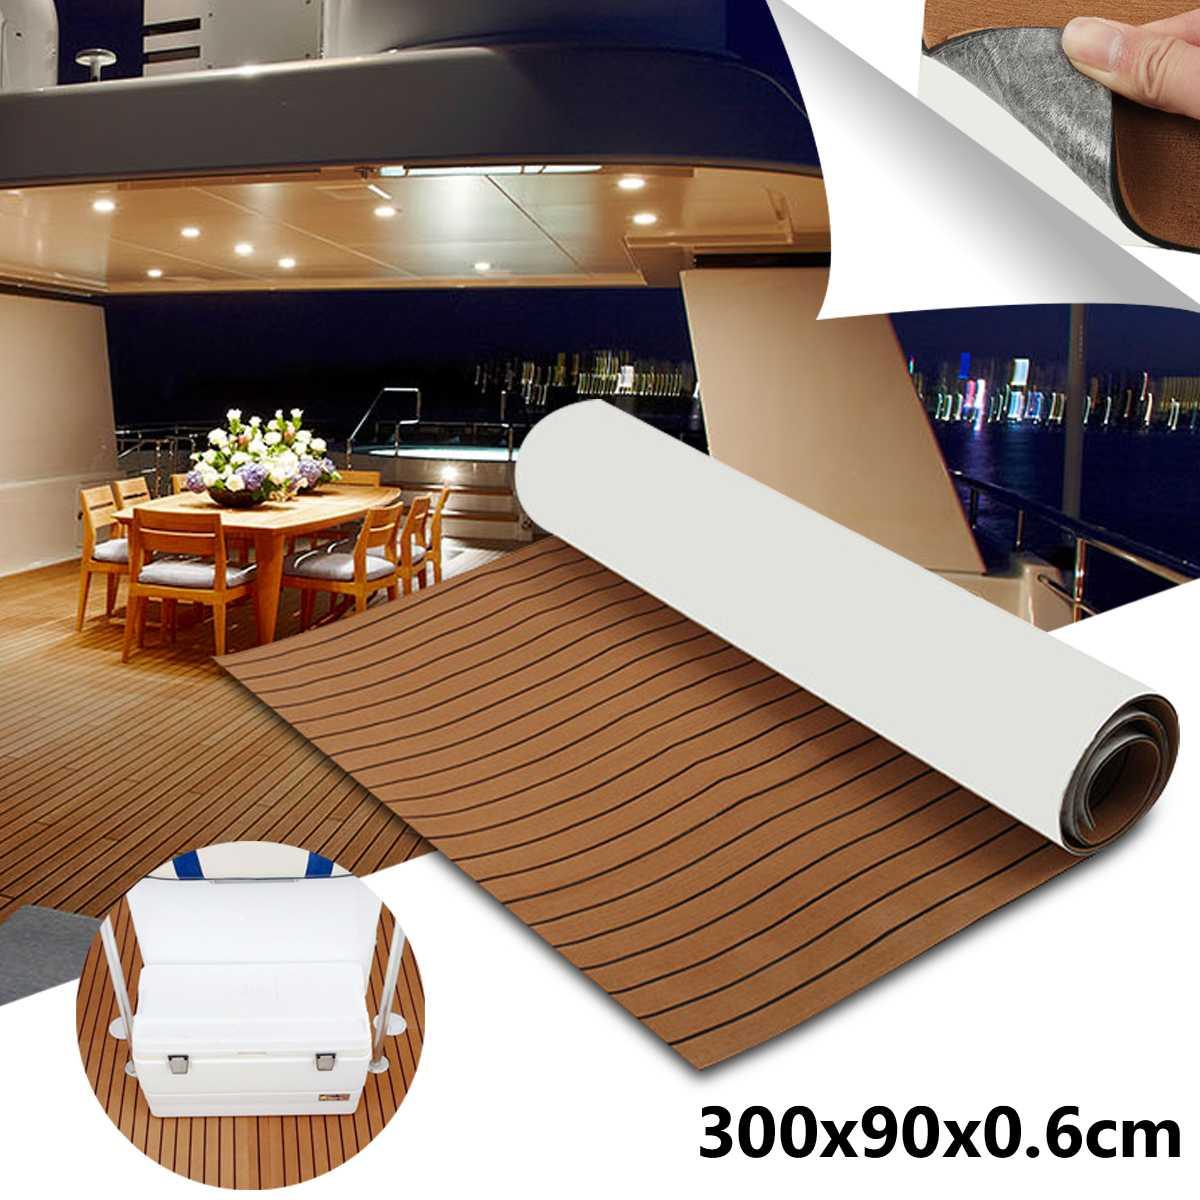 1 rouleau 3000x900mm 6mm Auto-Adhésif EVA Mousse Bateau Yacht RV Caravane Marine Plancher Faux teck Bateau Platelage Feuille Décoration De Sol Tapis